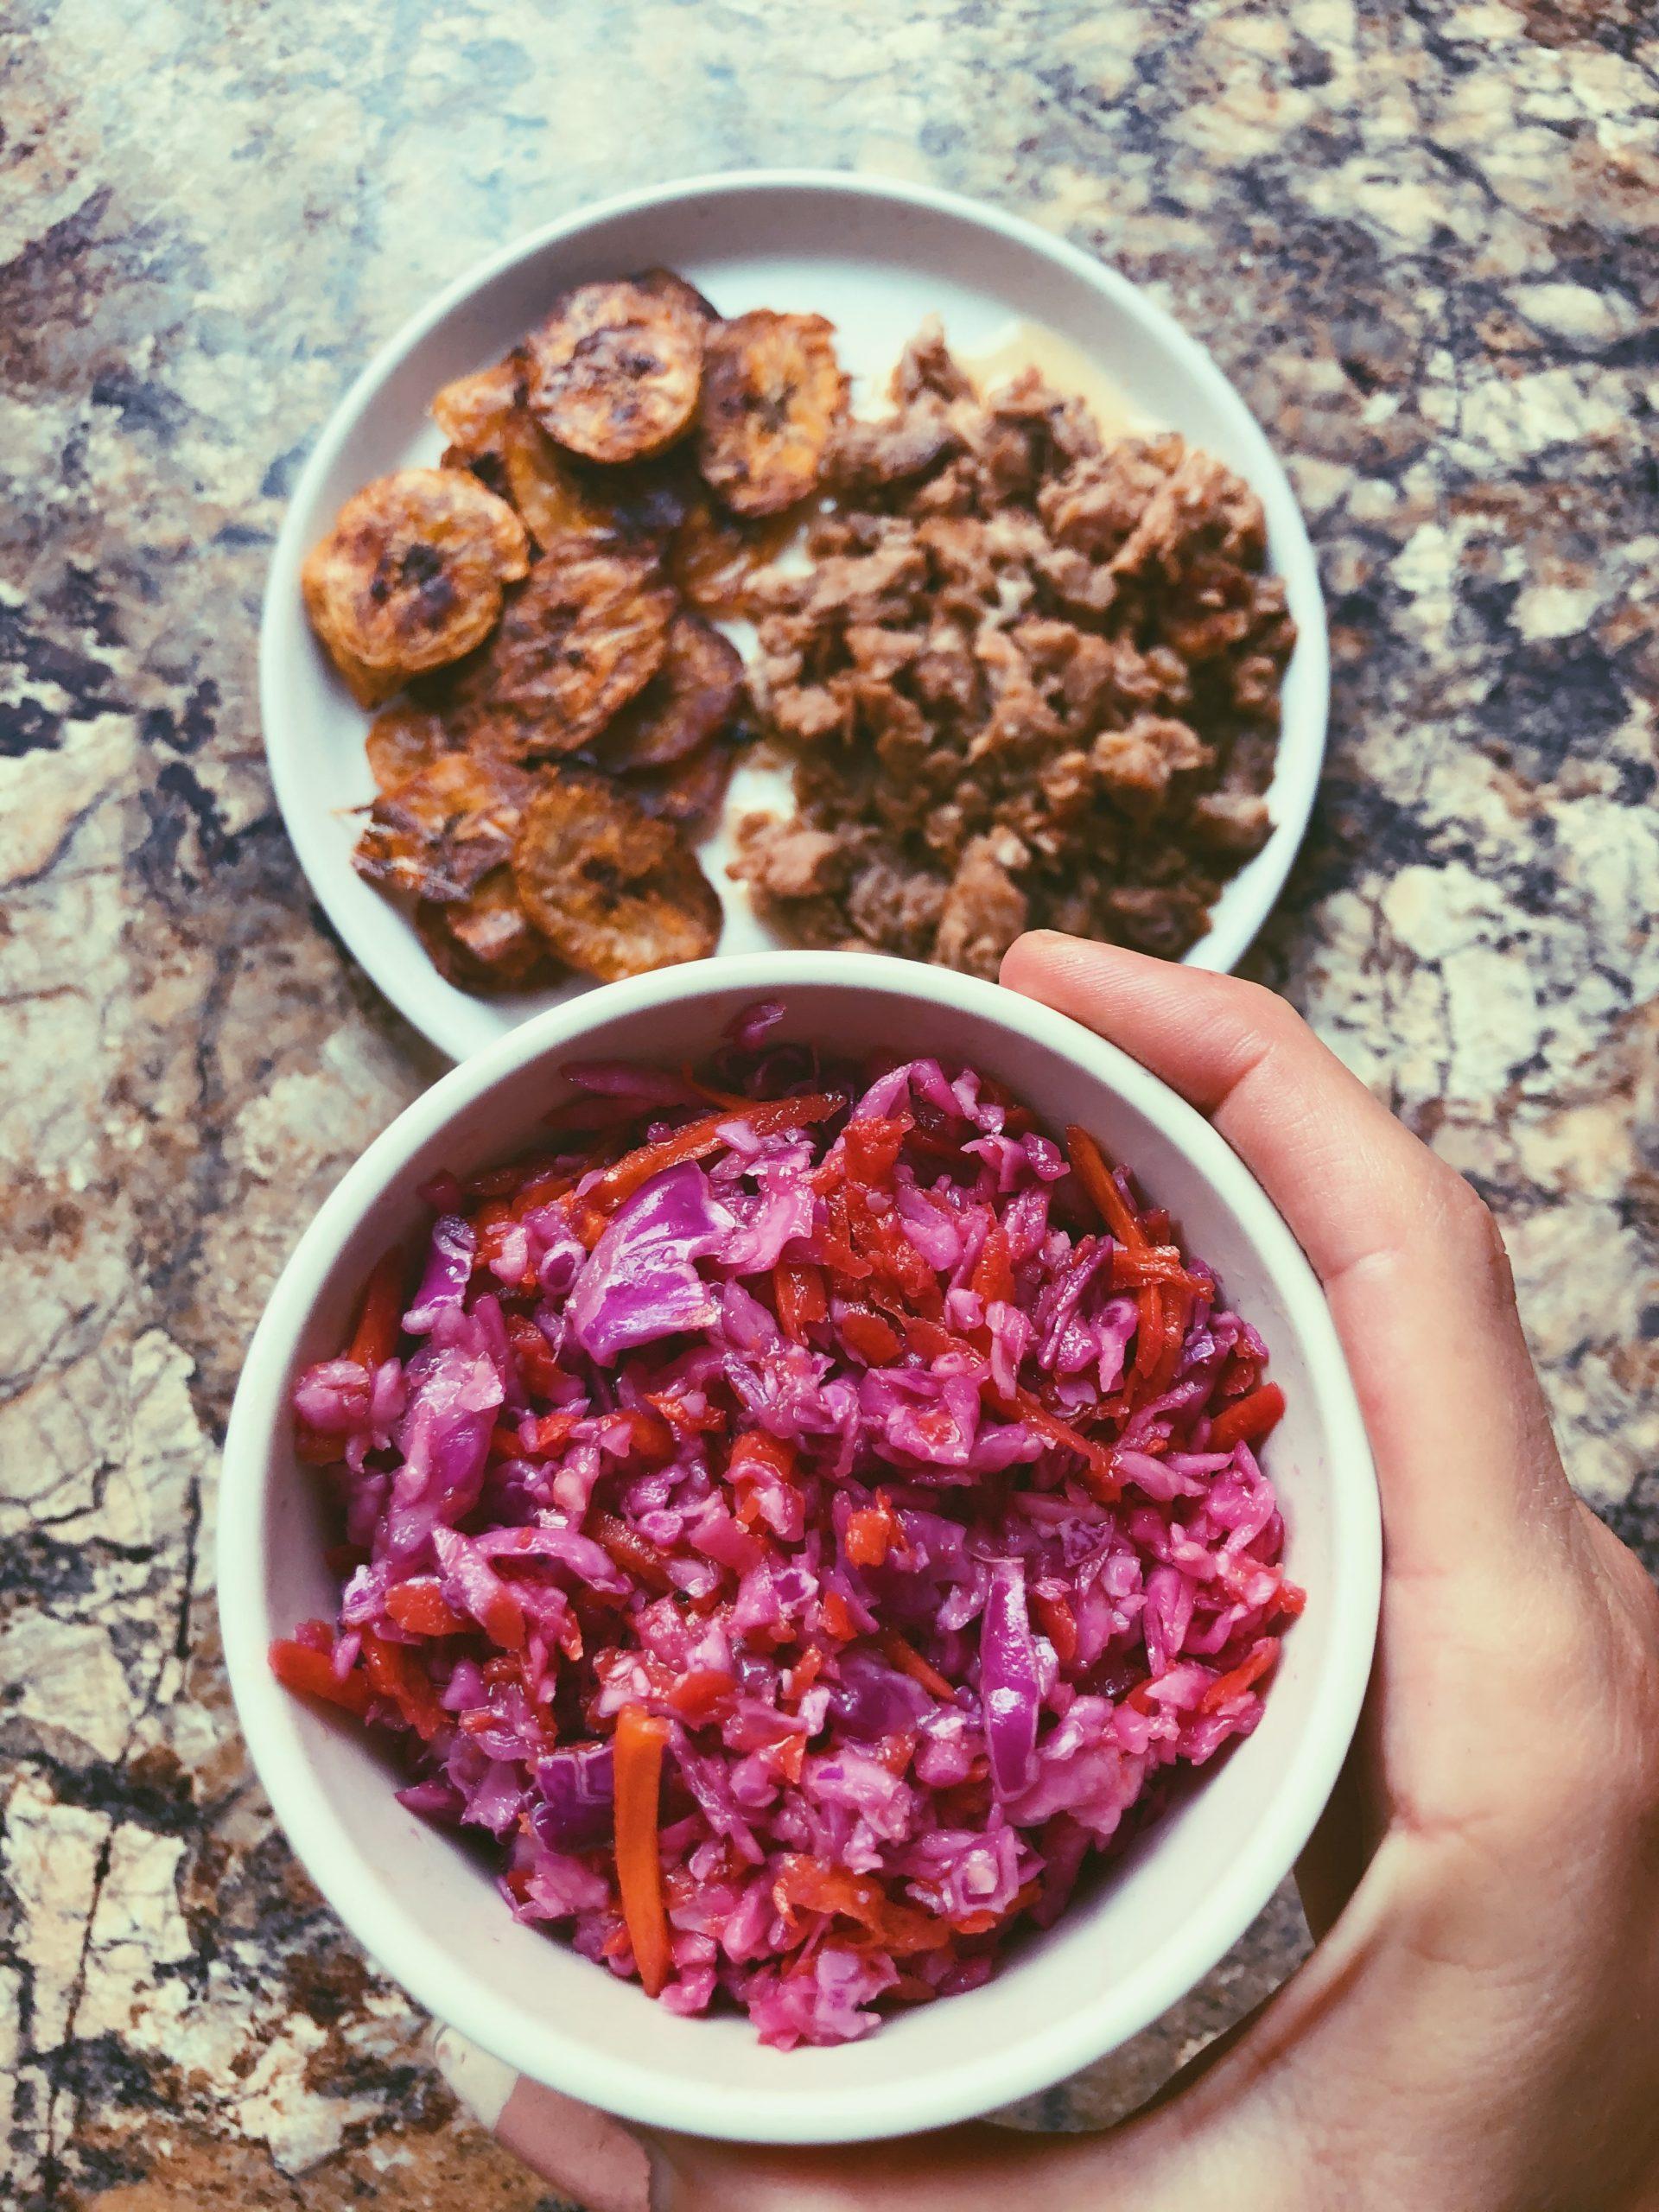 scd diet coleslaw